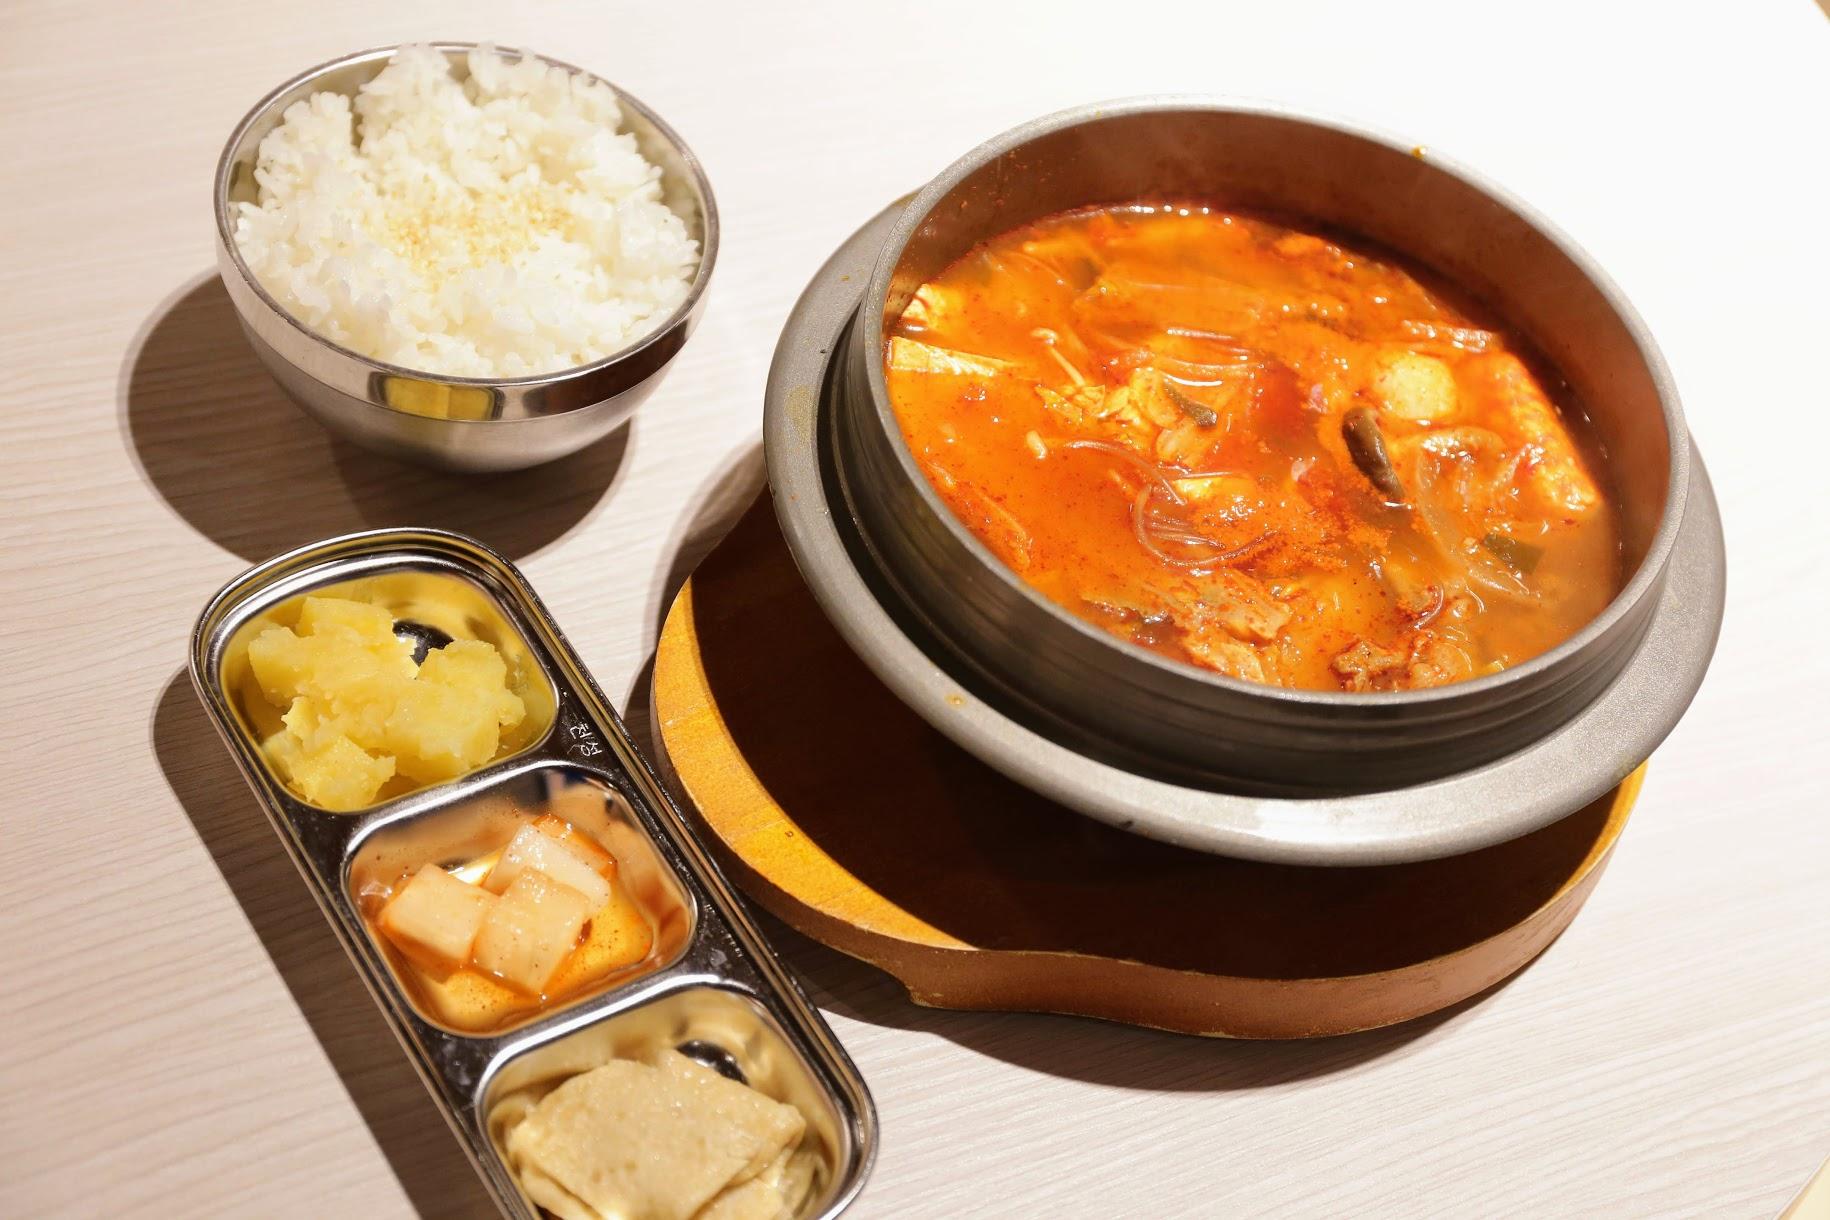 高雄-悦誠B1-韓石食堂